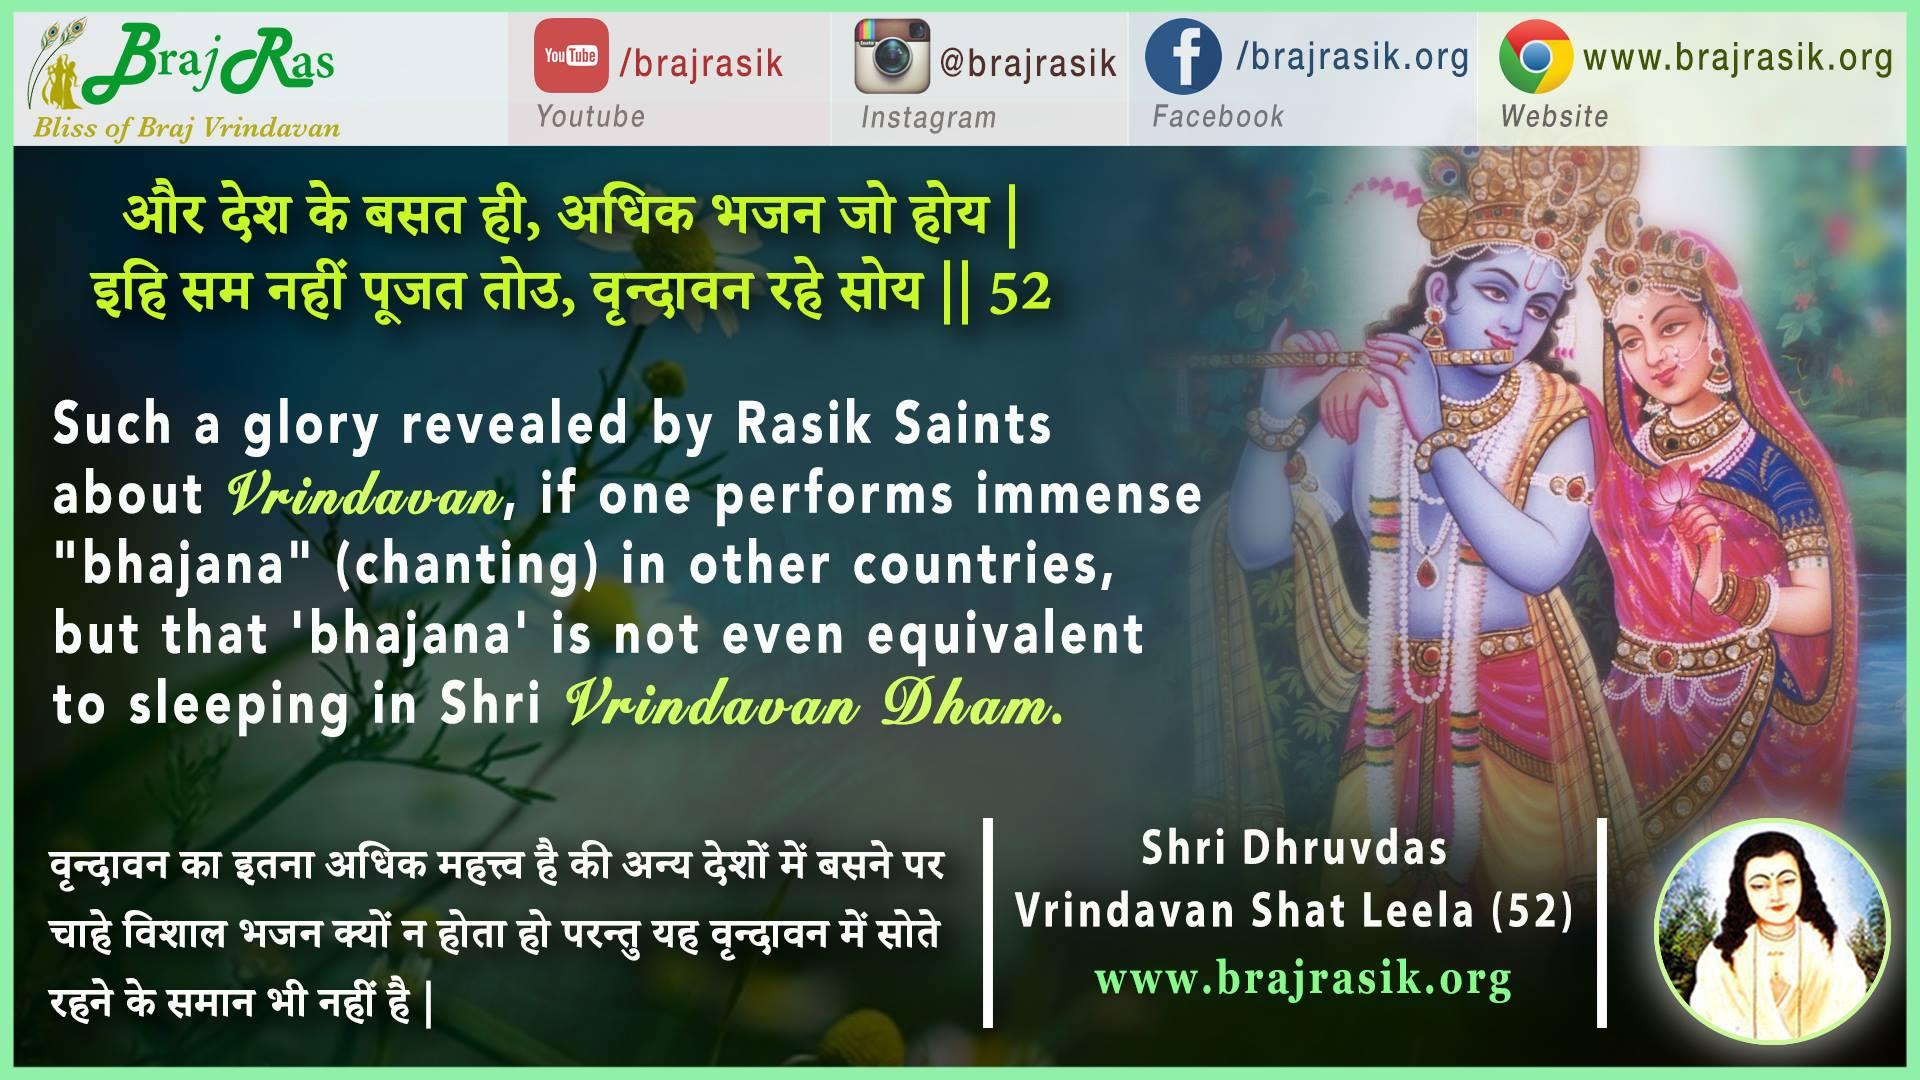 Aur Desh Ke Basat Hi, Adhik Bhajan Jo Hoy - Shri Dhruvdas, Shri Vrindavan Shat Leela